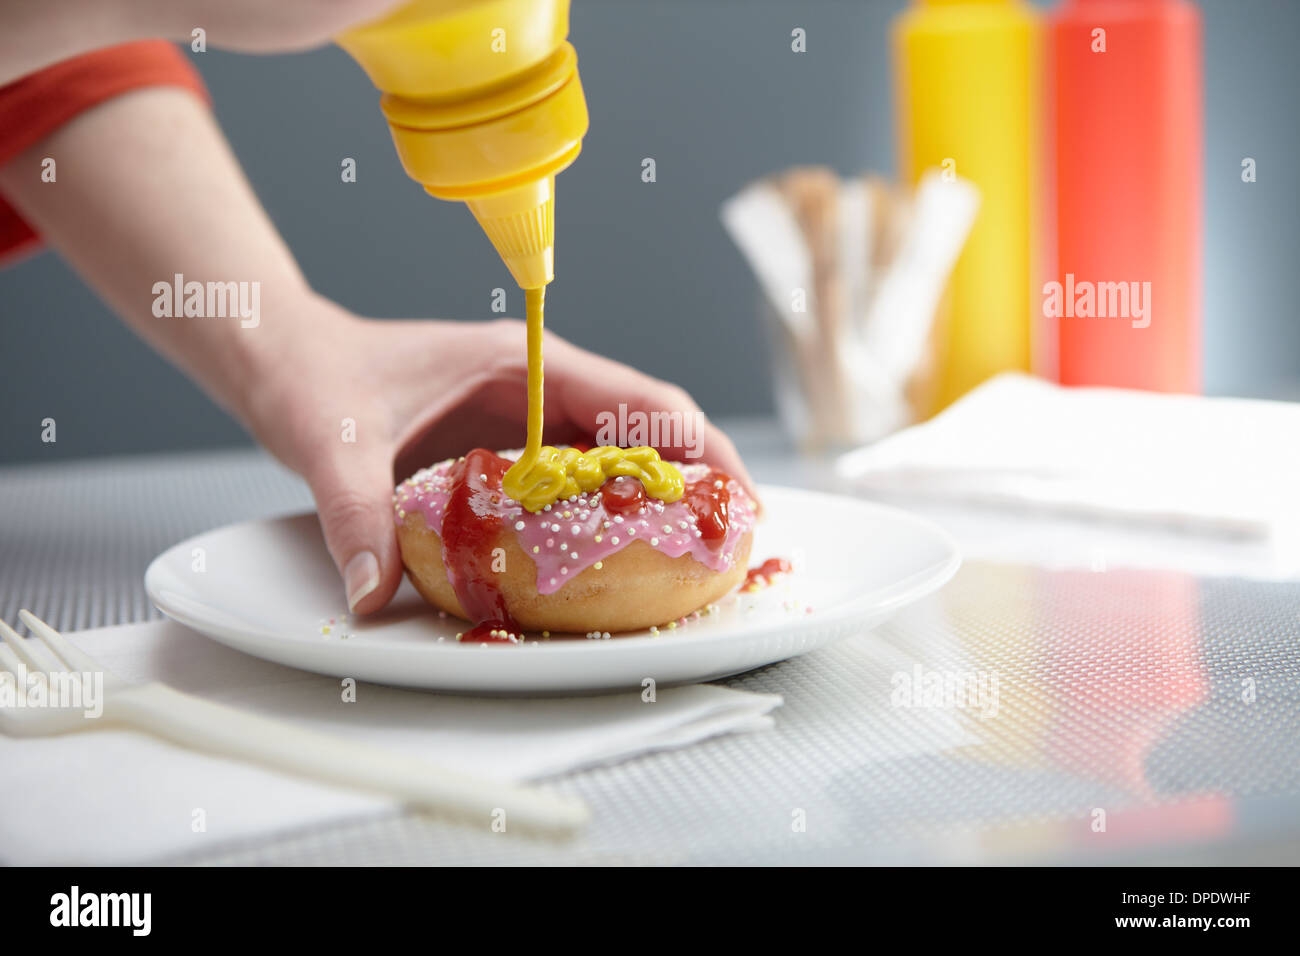 Frau spritzt Donut mit Ketchup und Senf Stockbild